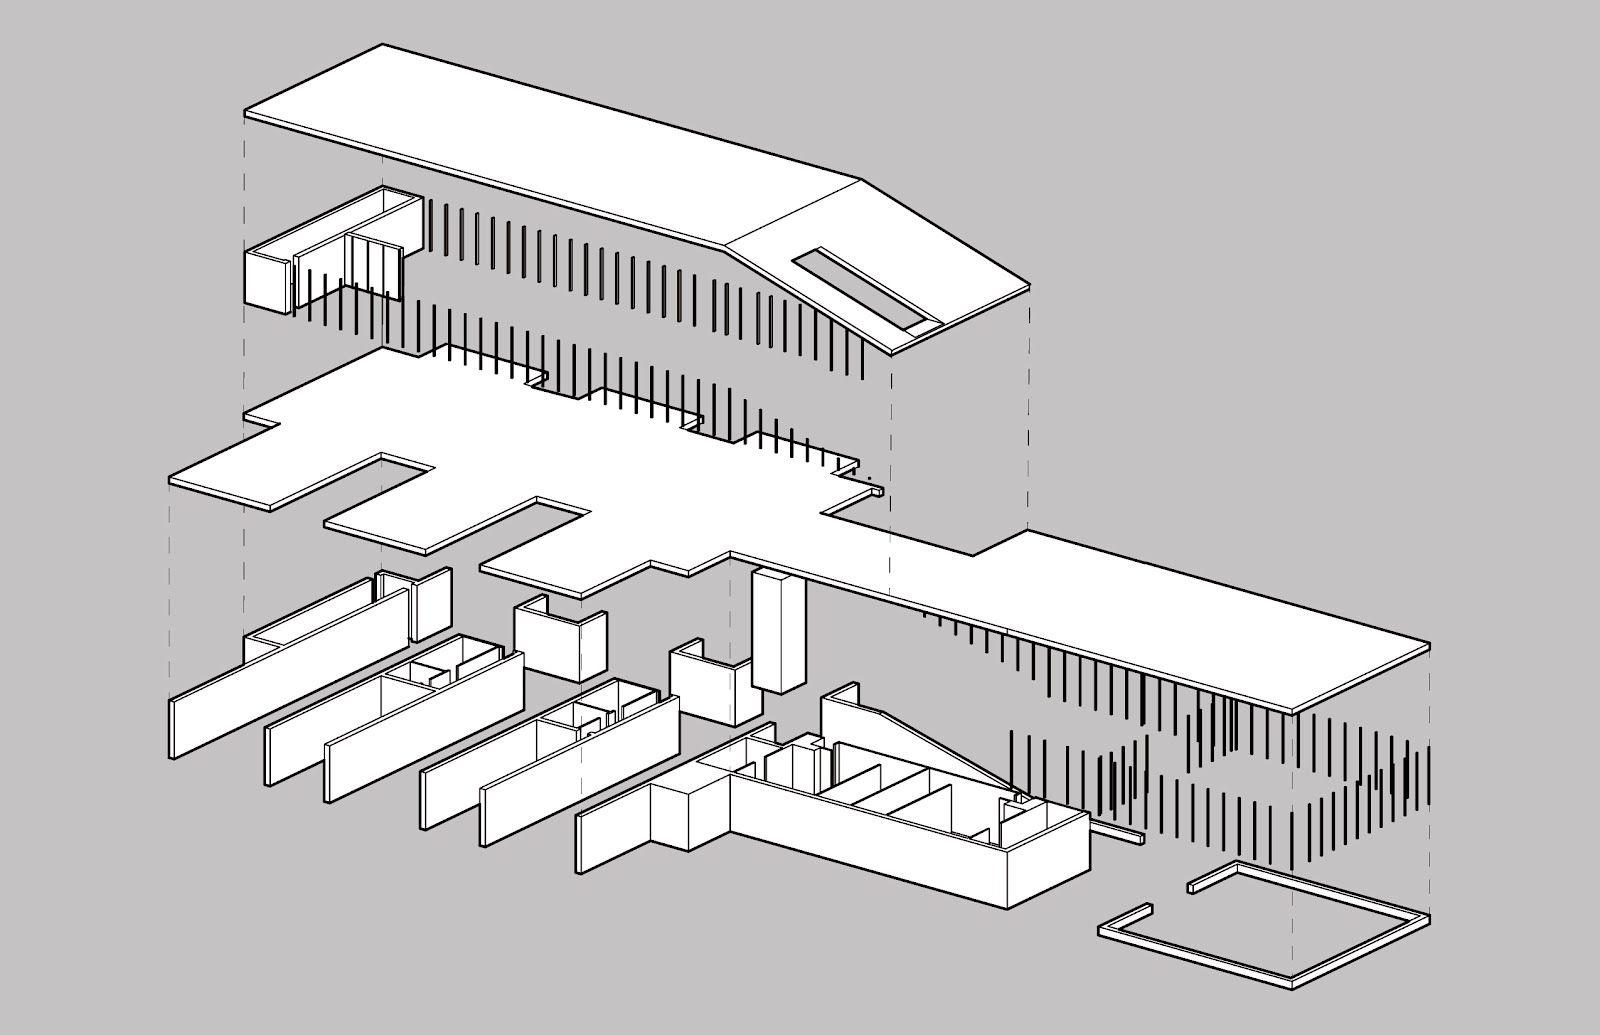 Tristan - Architecture: Structural Diagram | structure diagram ...